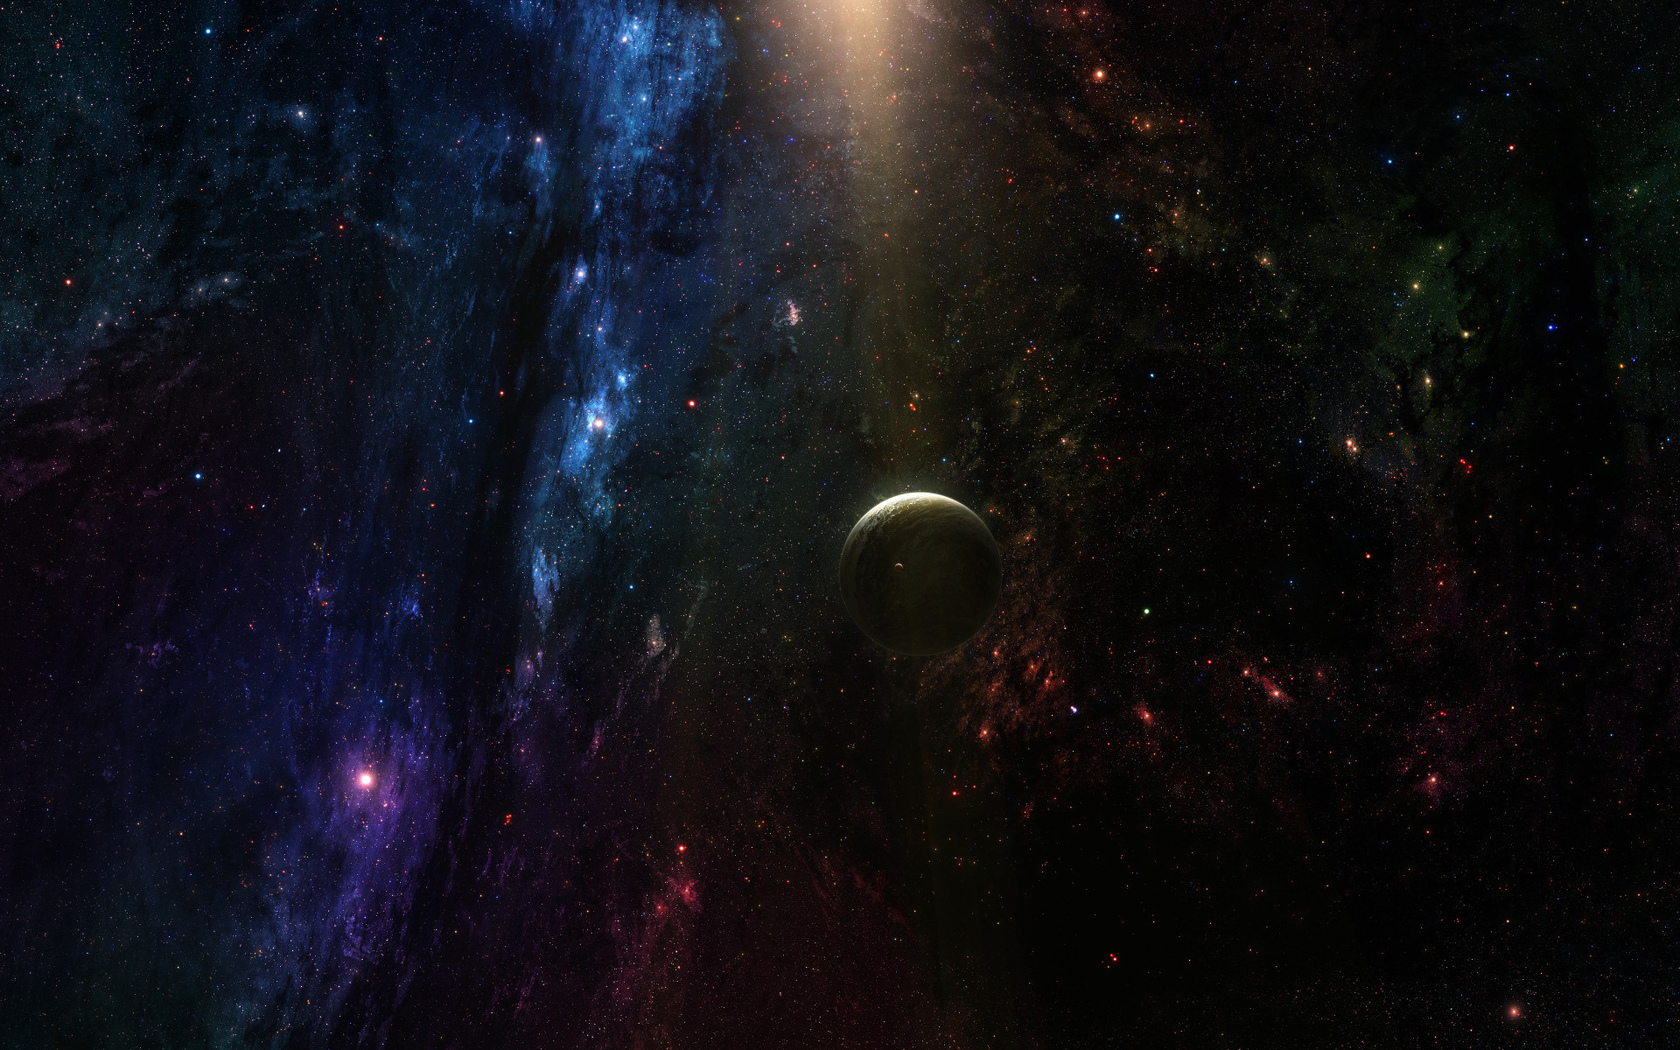 близкий космос картинки средние века